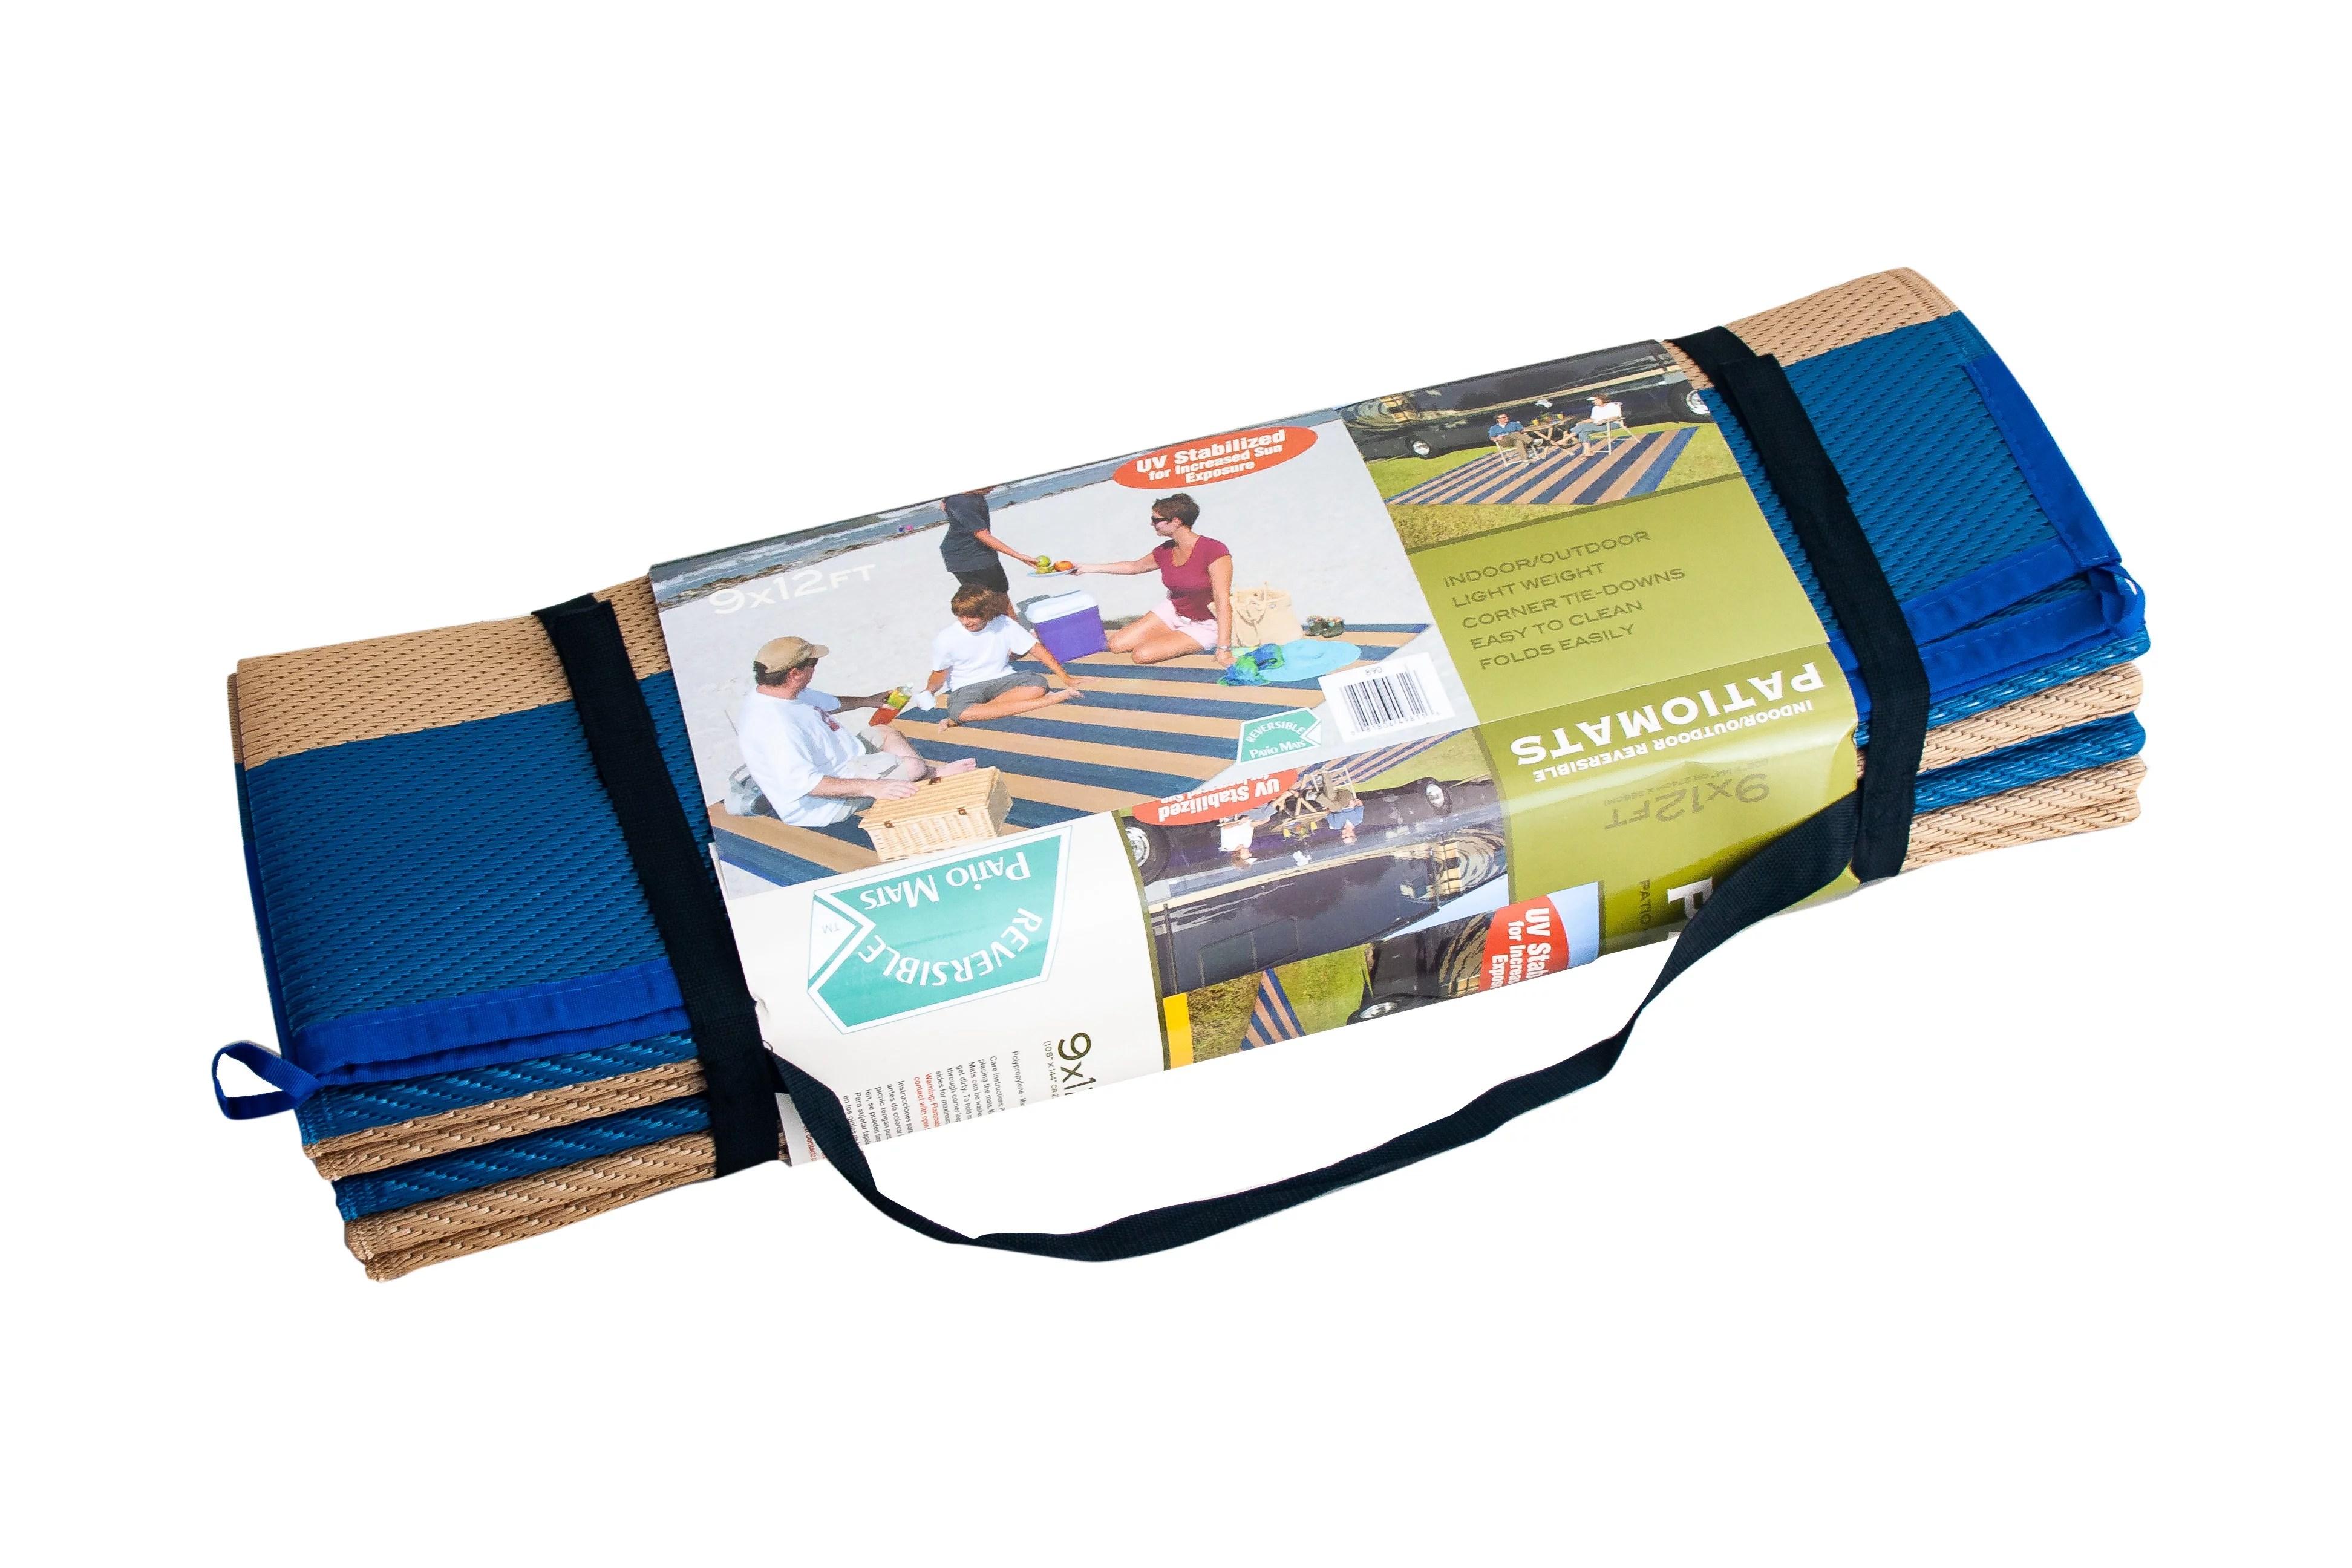 patio mats 9 x 12 reversible rv patio mat indoor outdoor rug camping mat cabana stripe